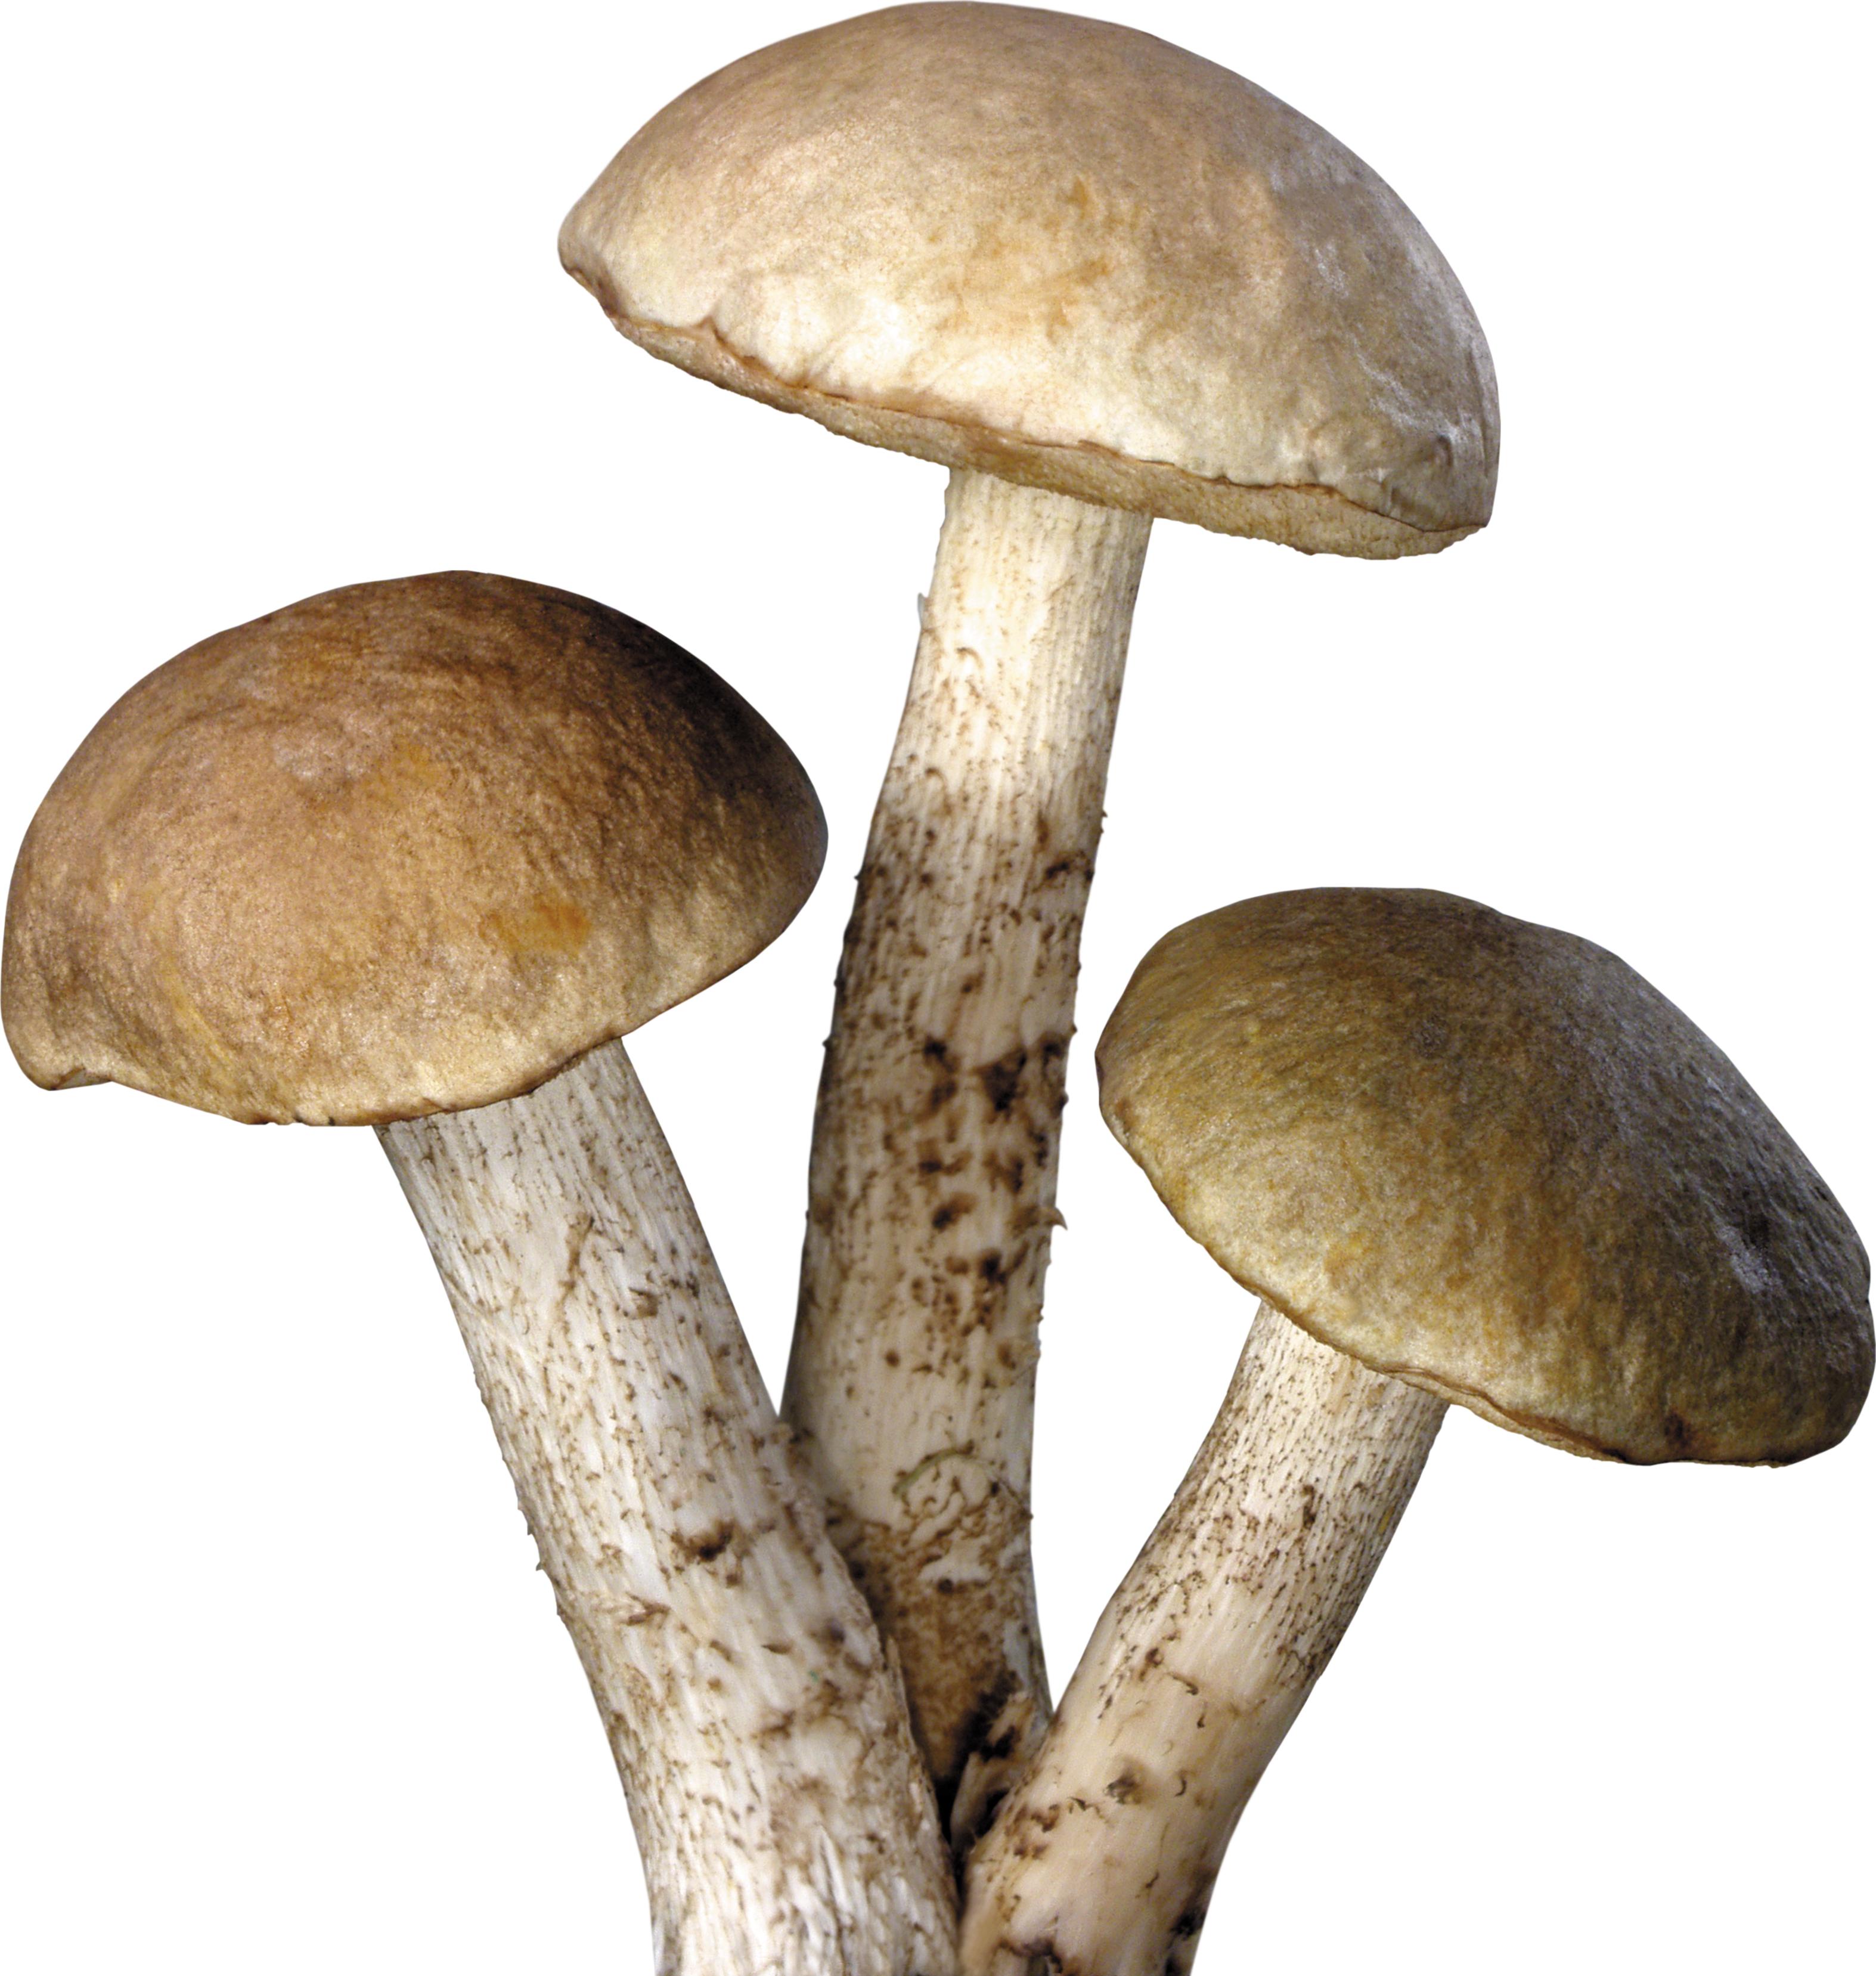 Mushroom #9